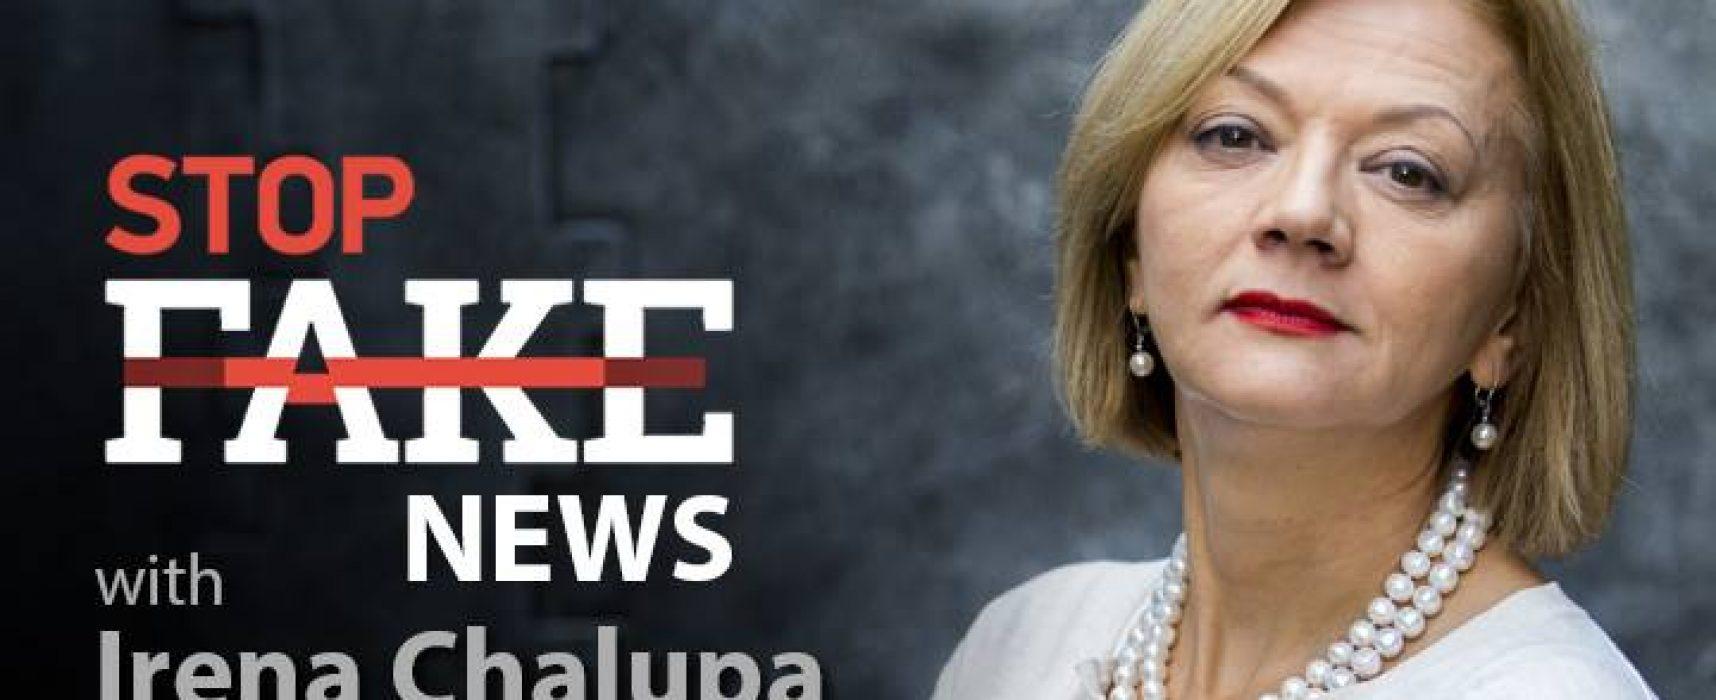 StopFakeNews #87 [Engels] met Irena Chalupa